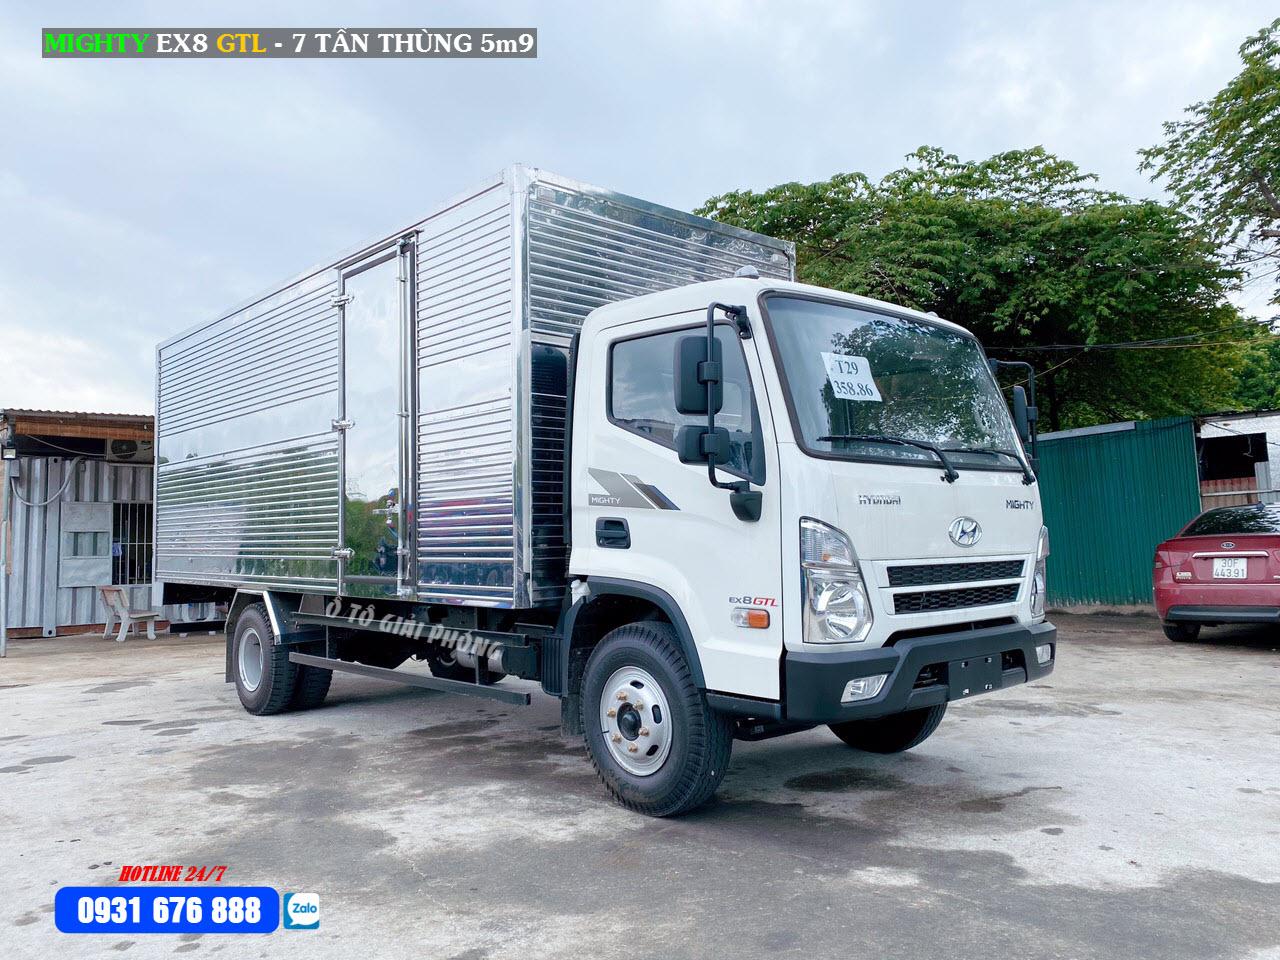 giá xe hyundai ex8 gtl thùng kín